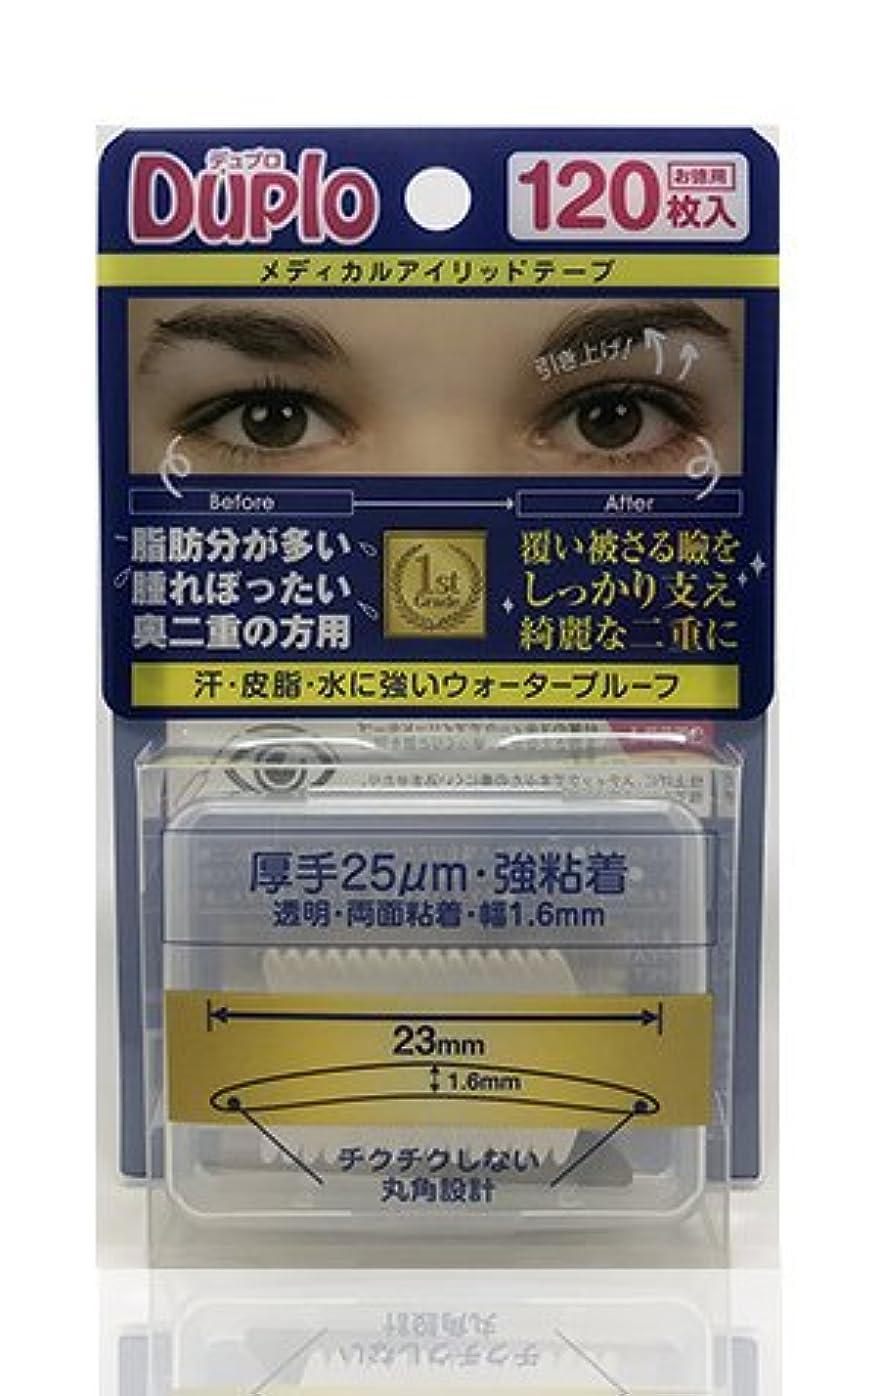 間違えたうんウィスキーDuplo デュプロ メディカルアイリッドテープ 厚手 25μm 強粘着 (眼瞼下垂防止用テープ) 透明?両面 120枚入